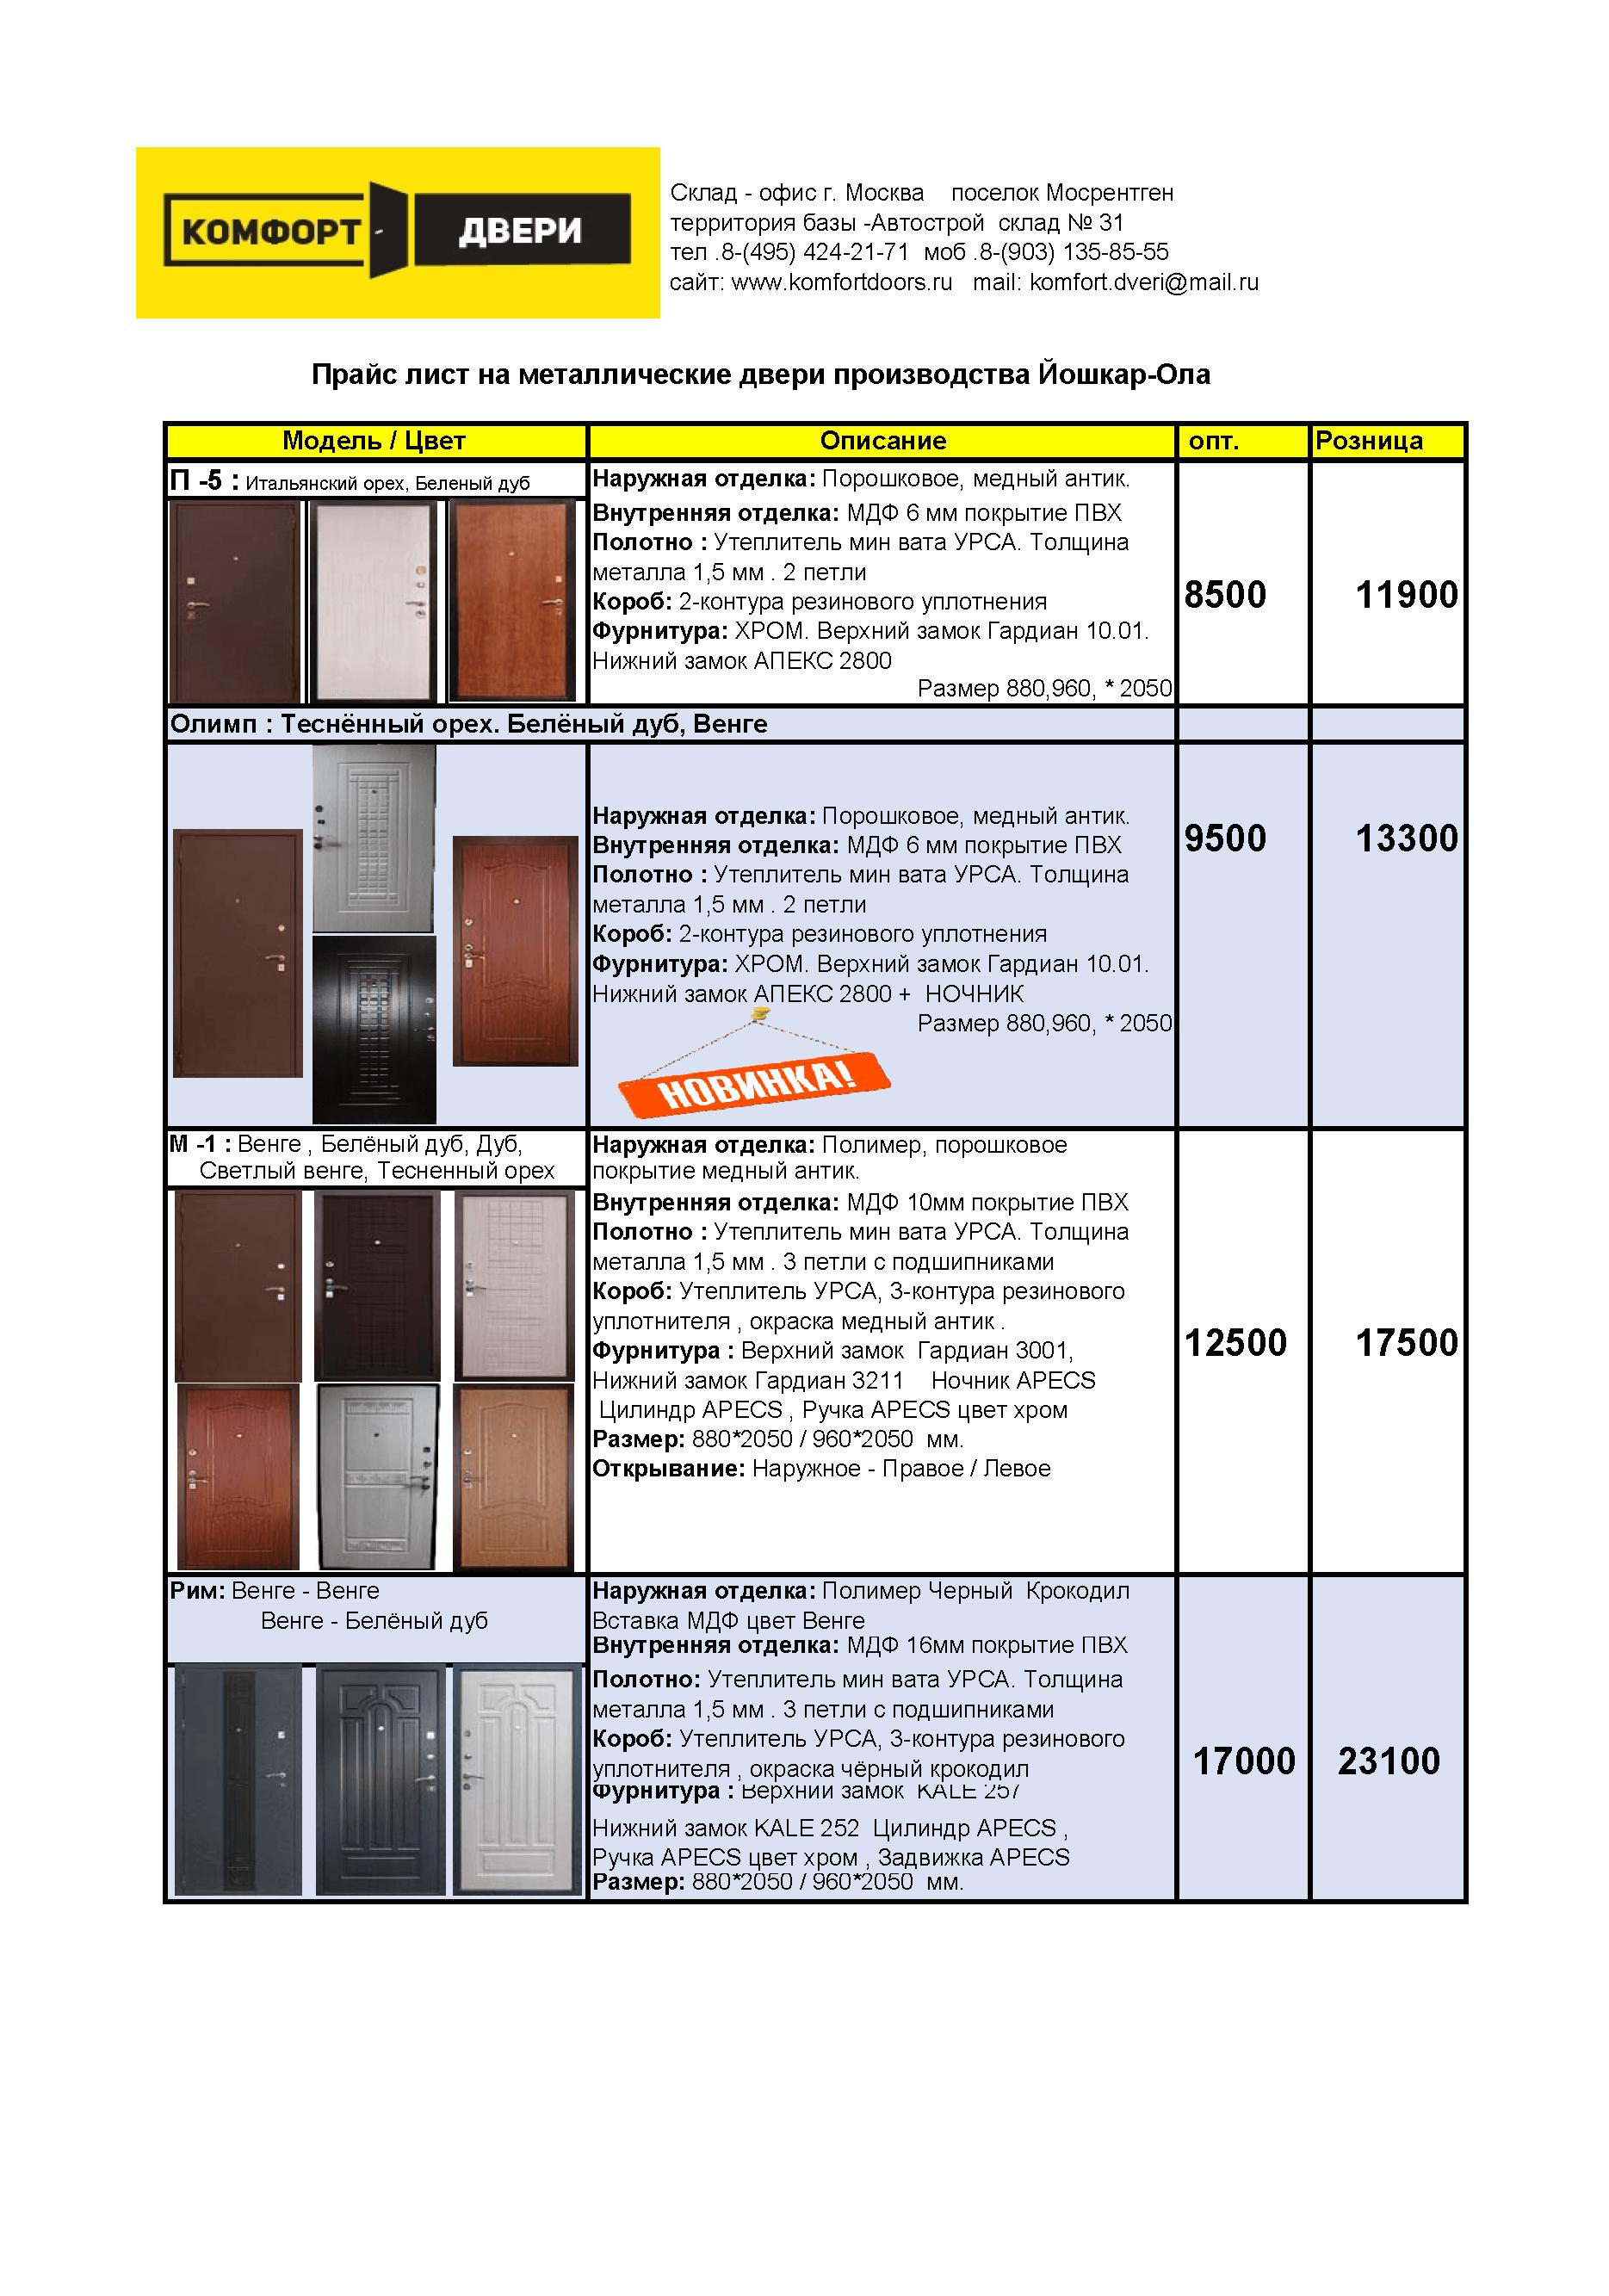 прайс лист на металлическую дверь вход